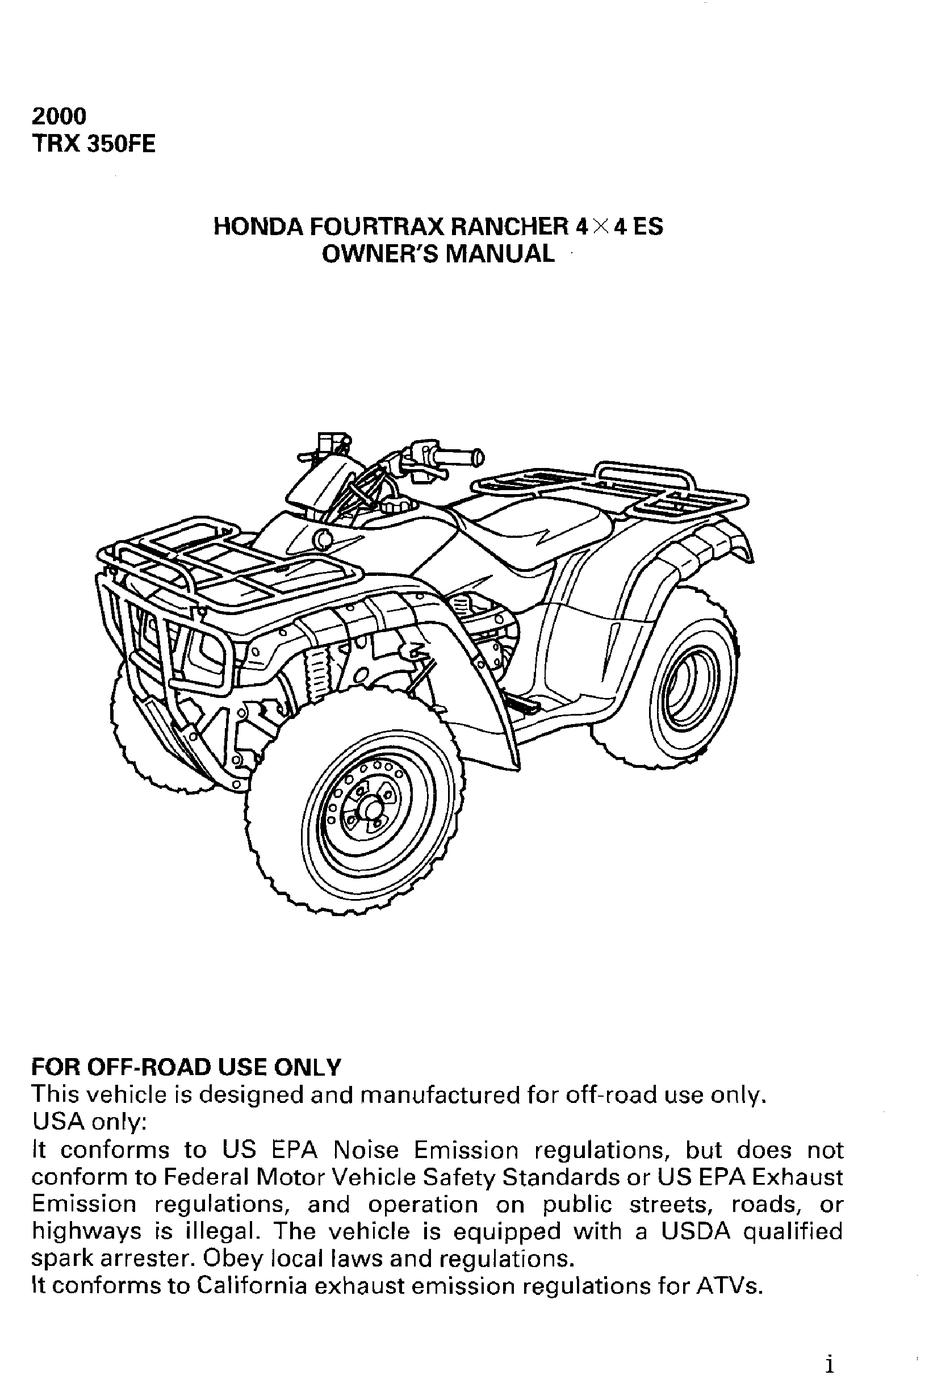 Honda 2000 Trx 350fe Fourtrax Rancher 4x4 Es Owner S Manual Pdf Download Manualslib